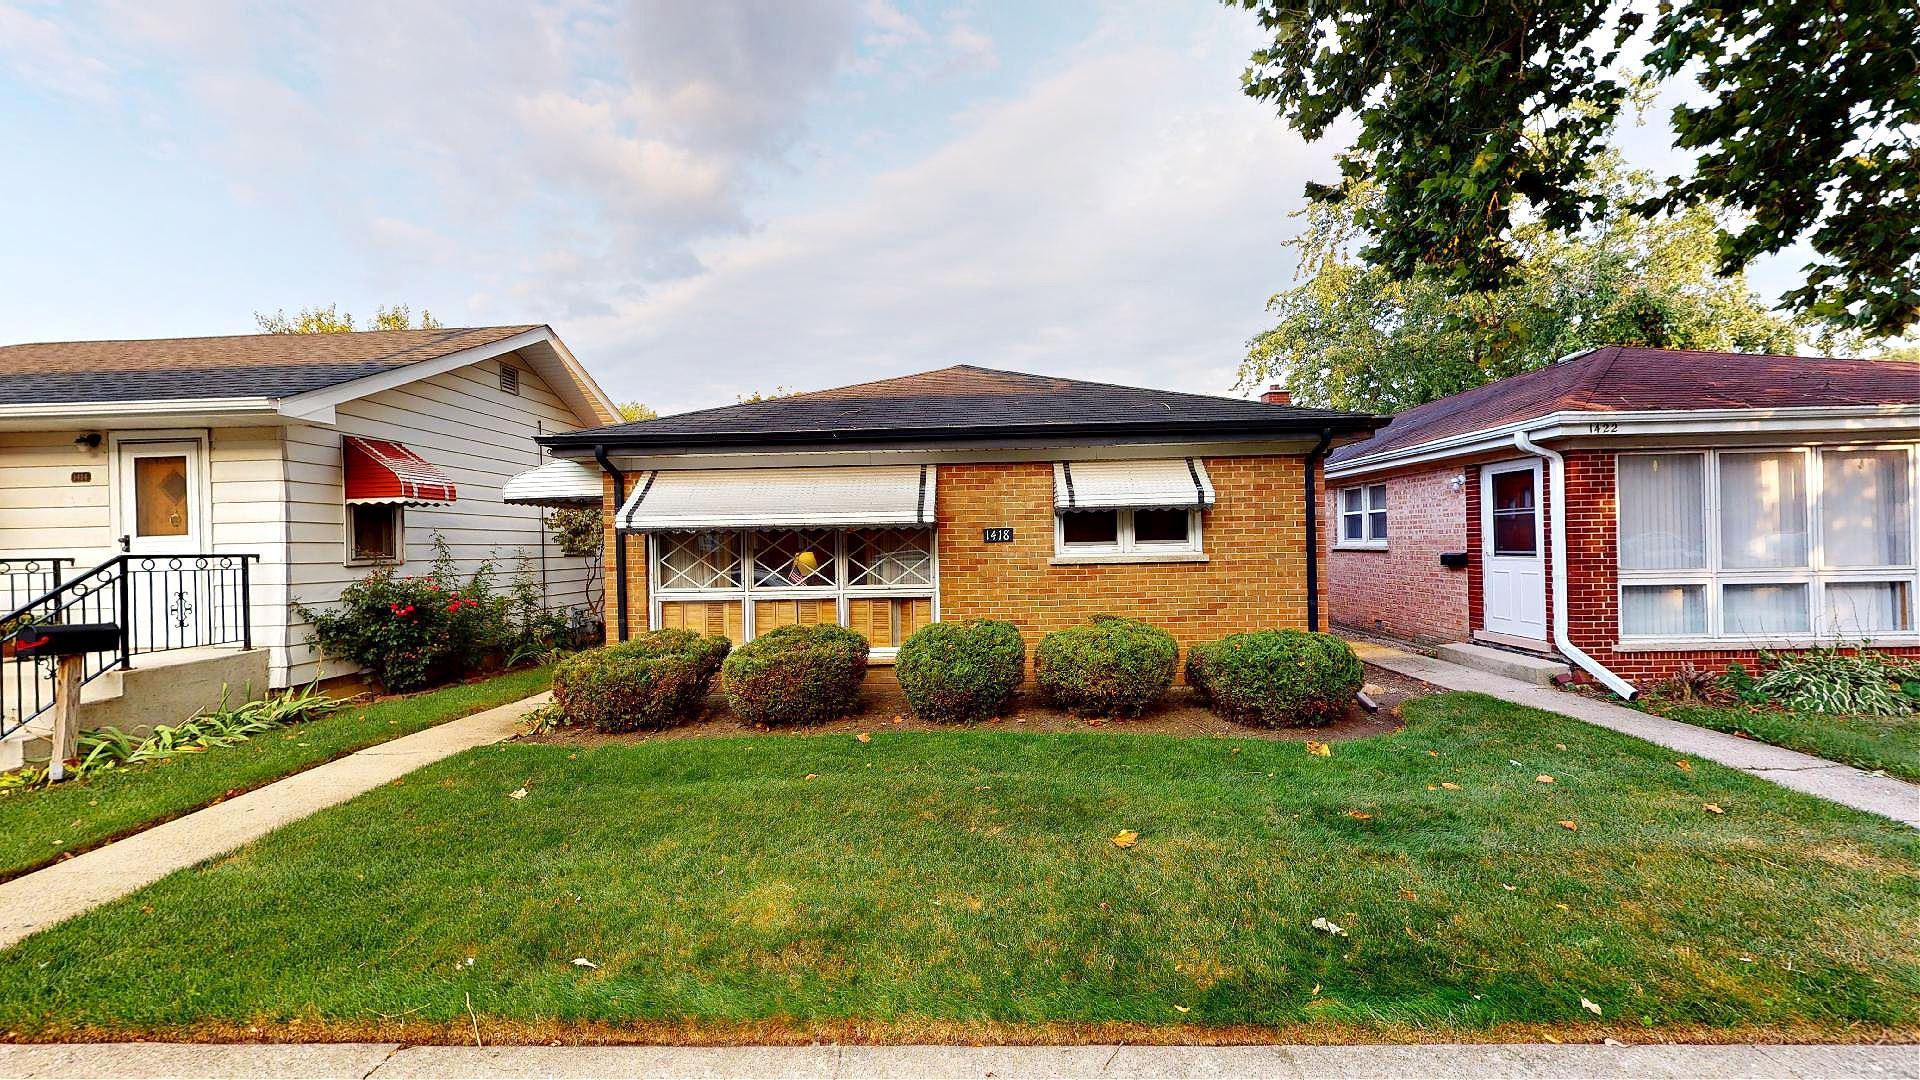 1418 Circle Avenue, Forest Park, IL 60130 - #: 11212403